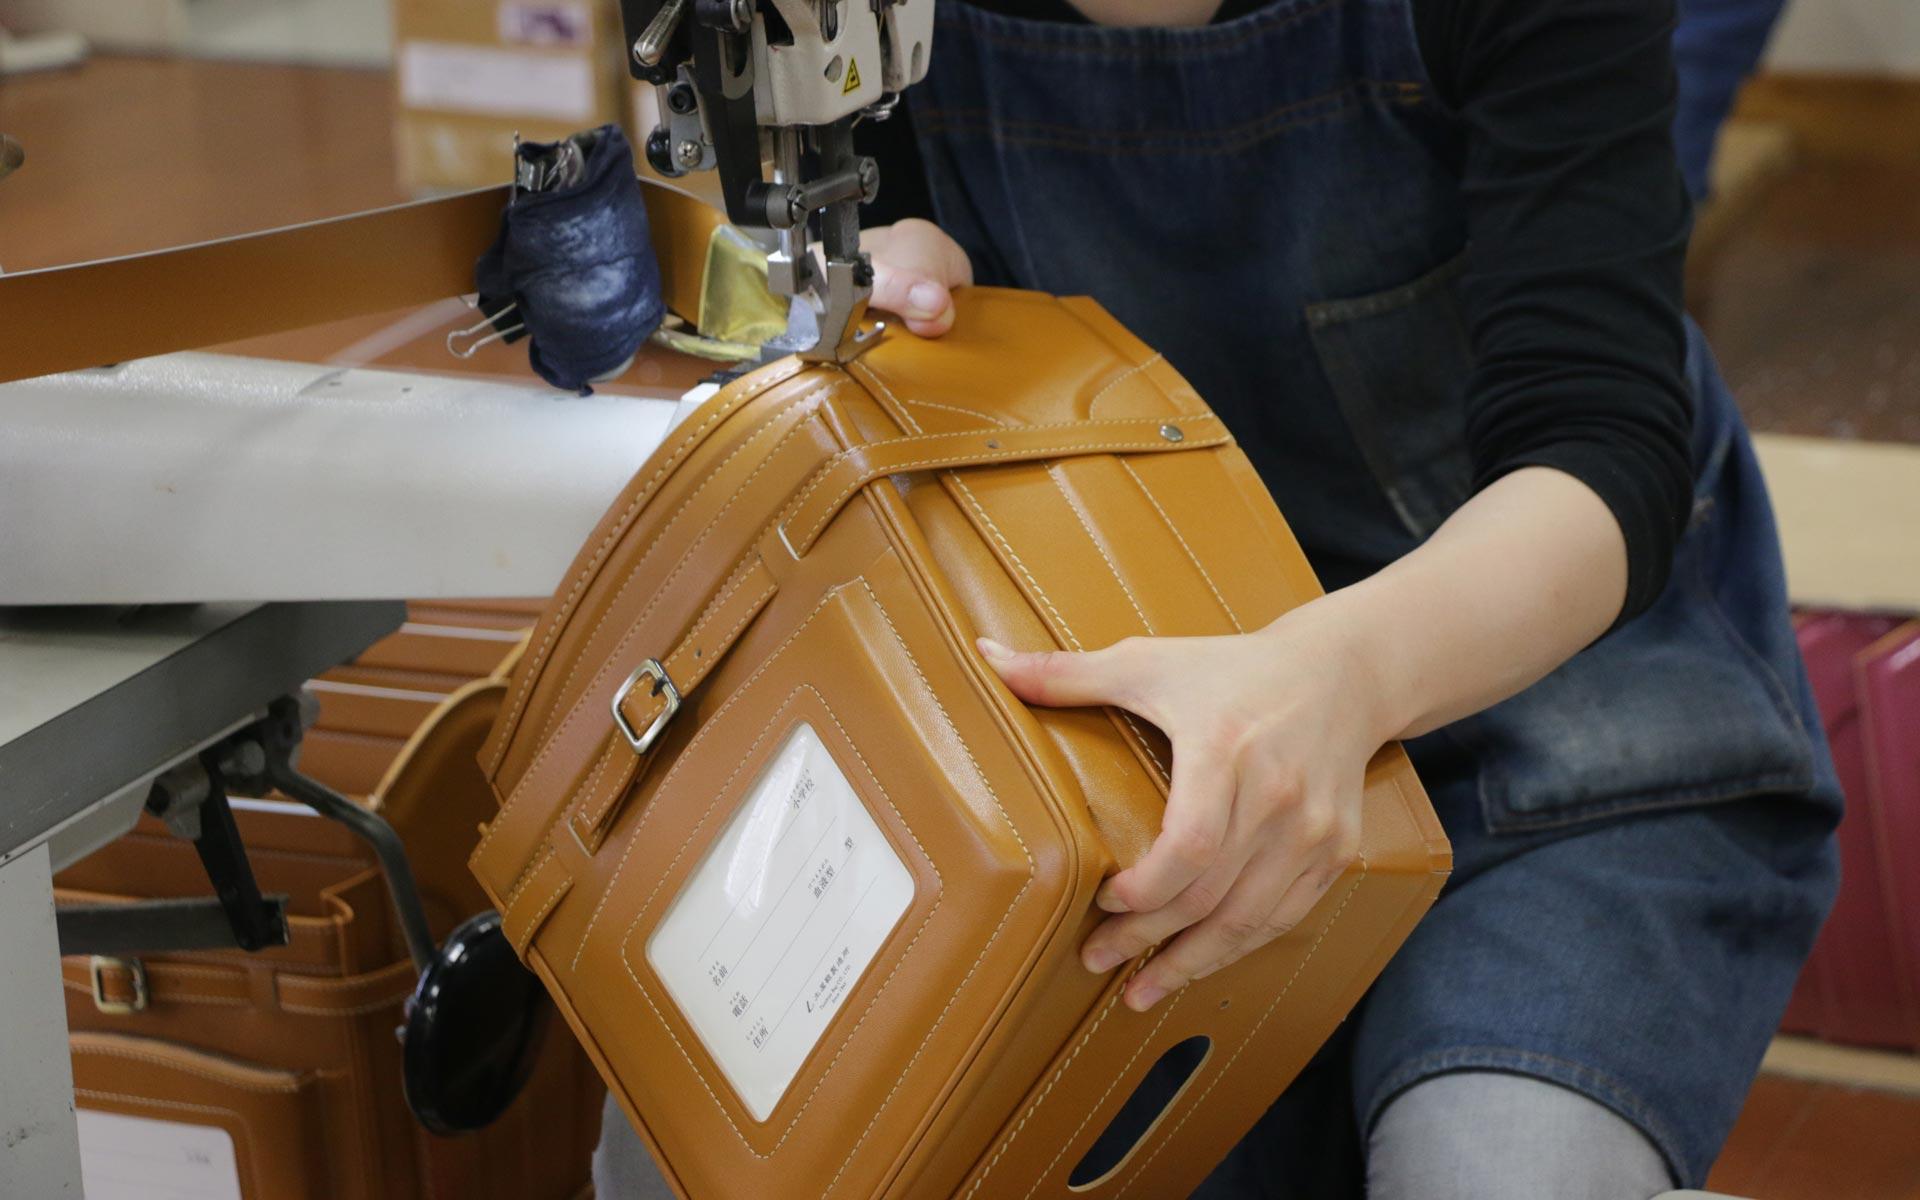 職人さんがランドセルを縫製しているところ。東京・土屋鞄製造所の工房にて